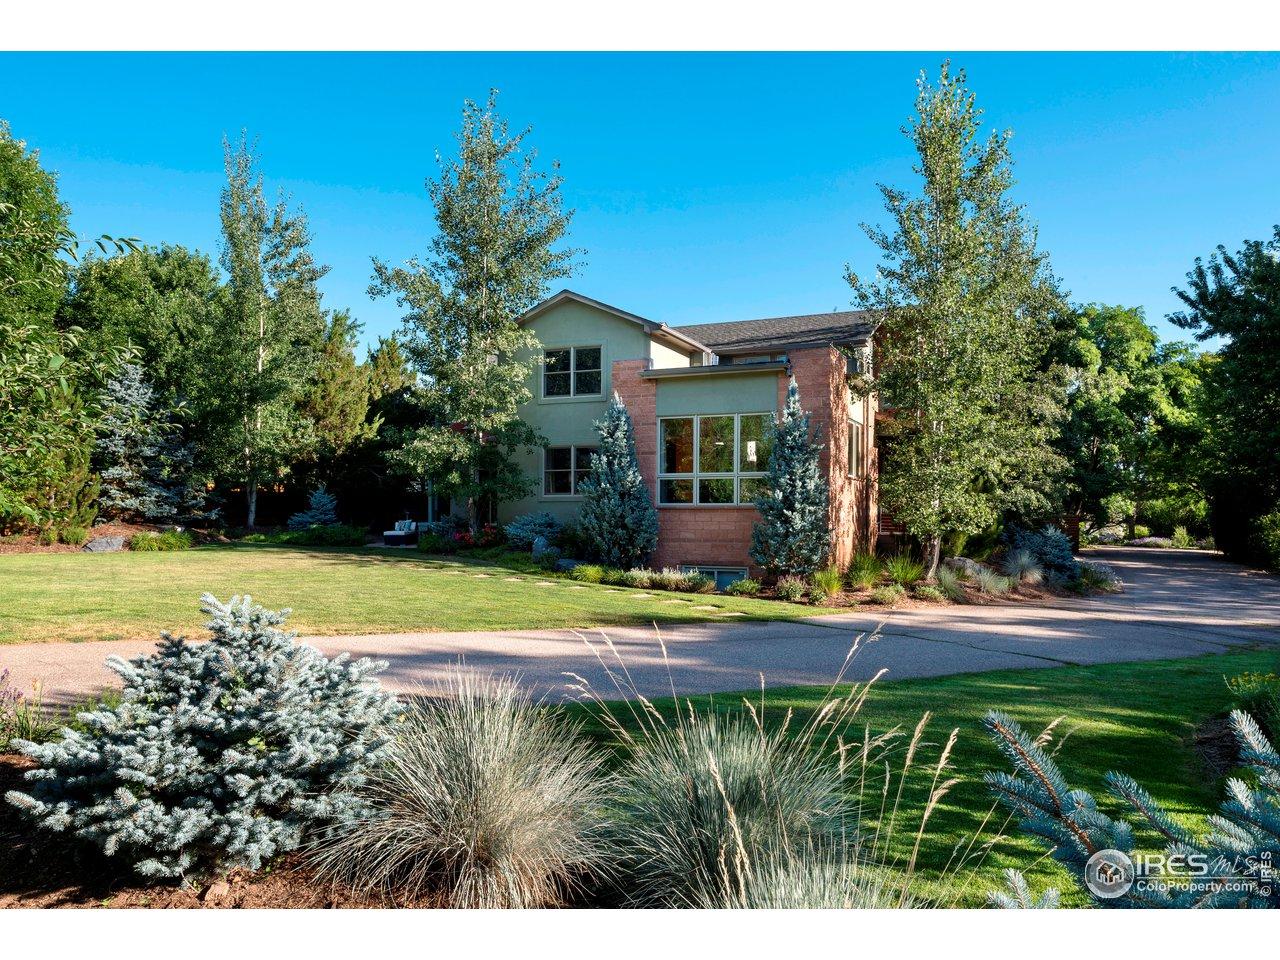 2015 Norwood Ave, Boulder CO 80304